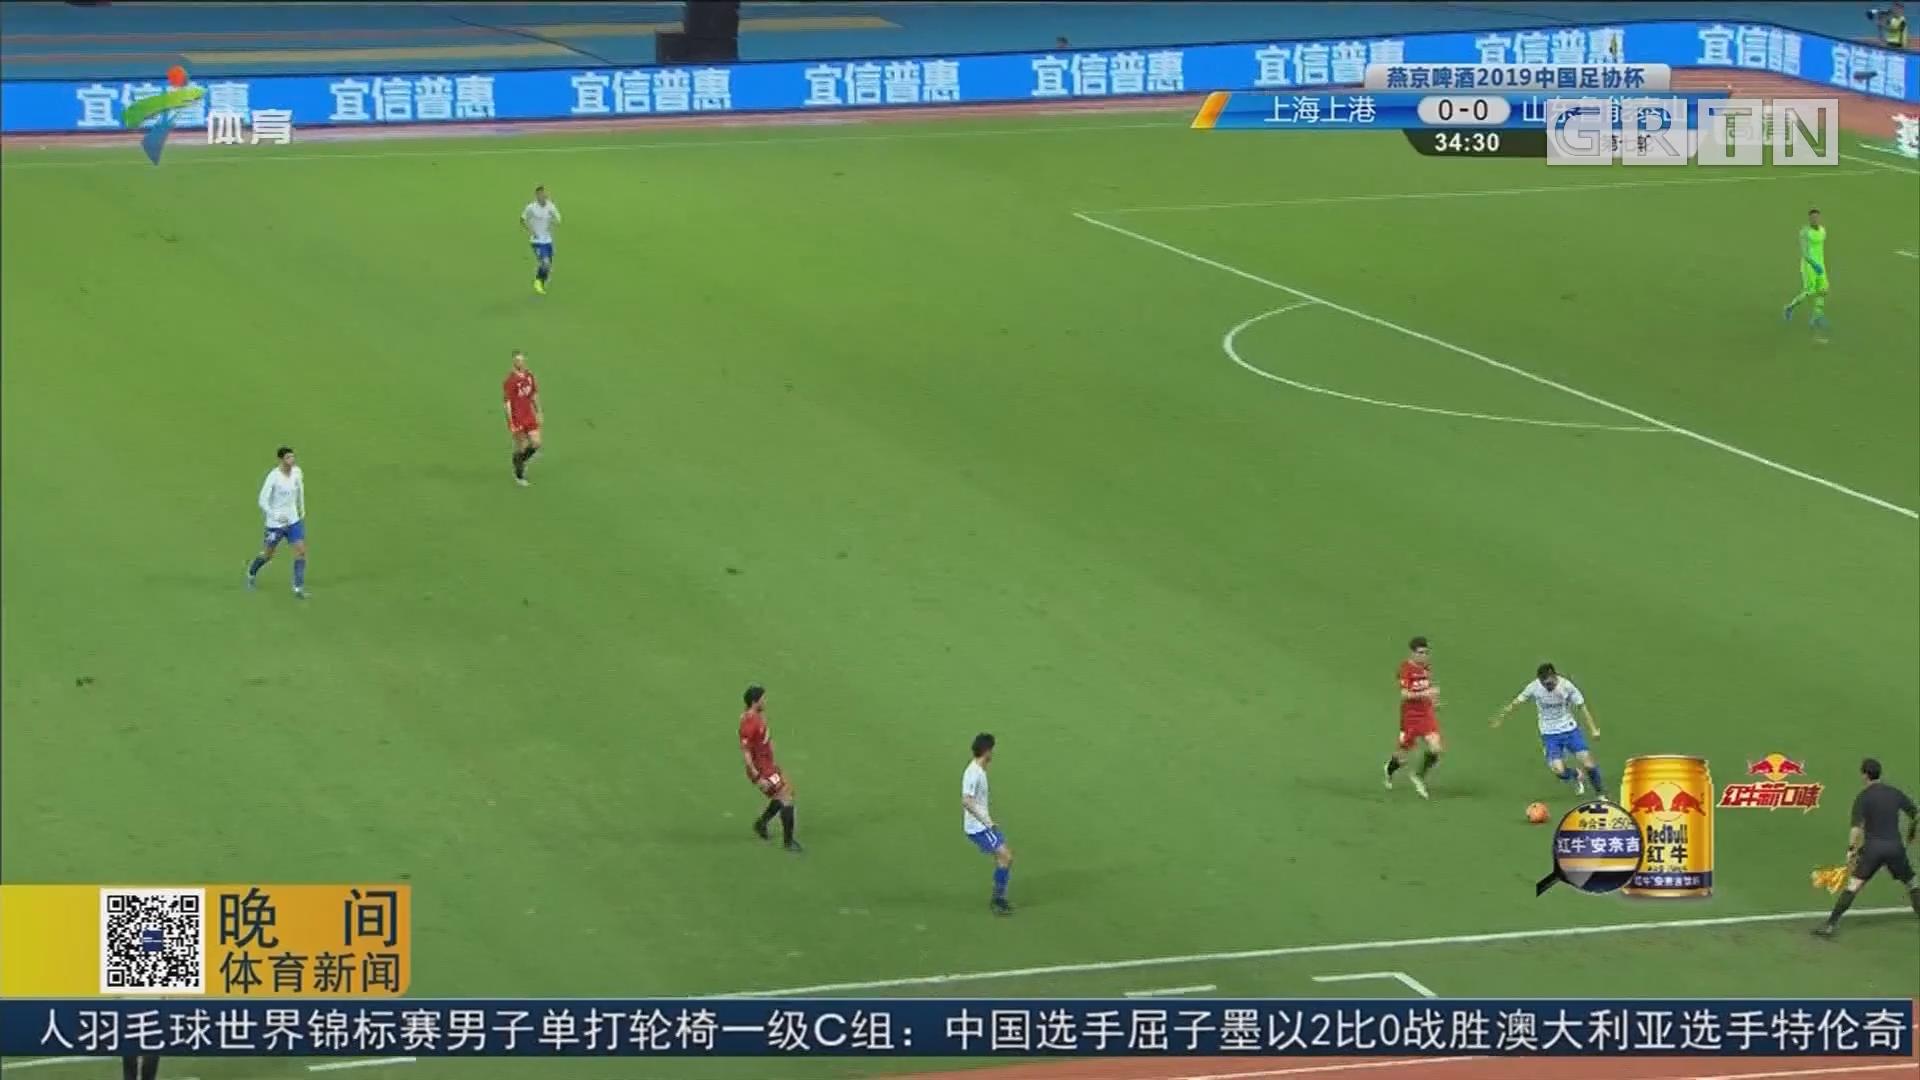 山东鲁能晋级足协杯决赛